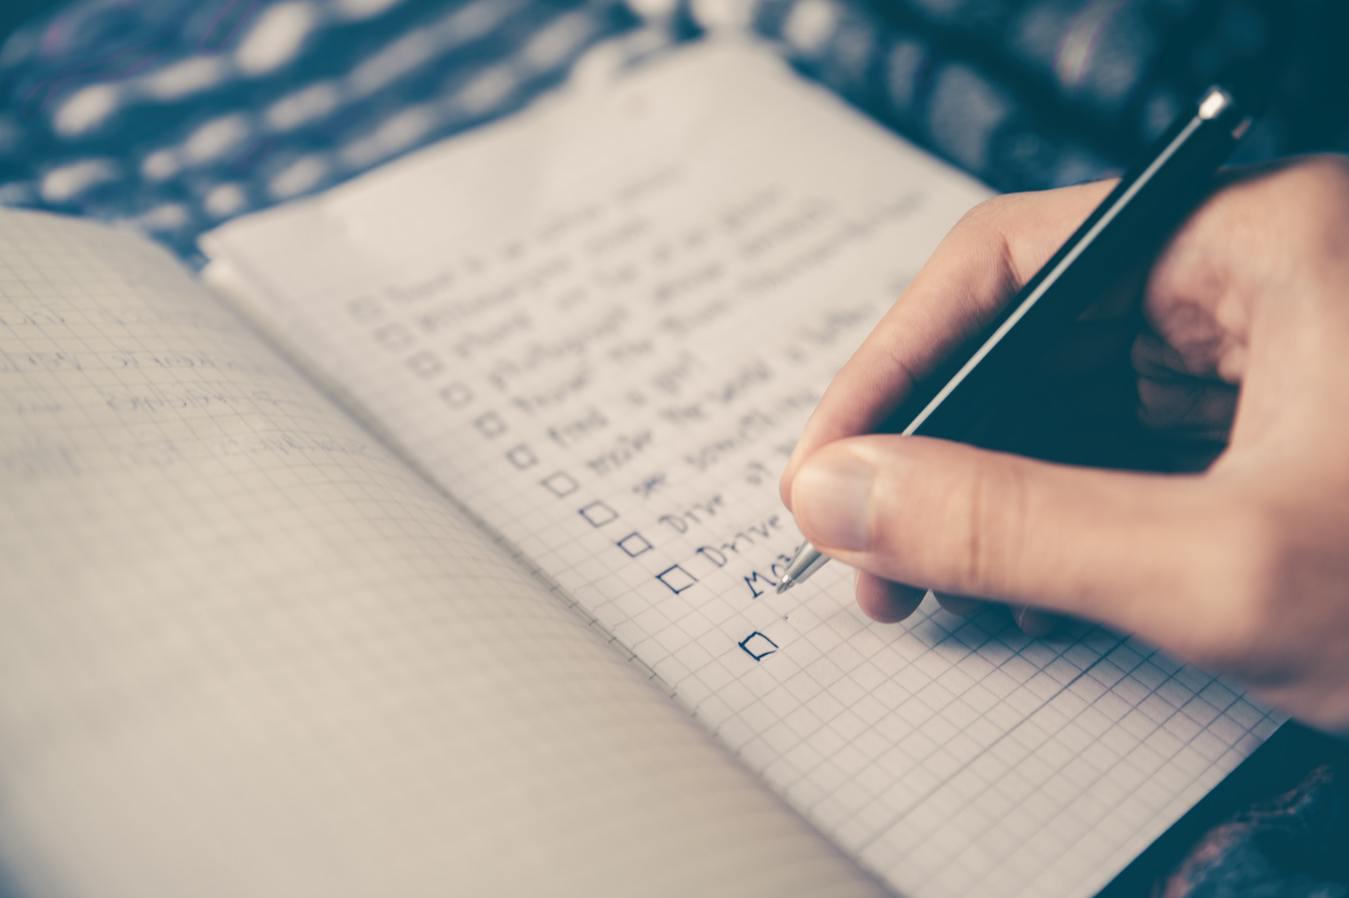 Una persona que escribe una lista de verificación en un cuaderno